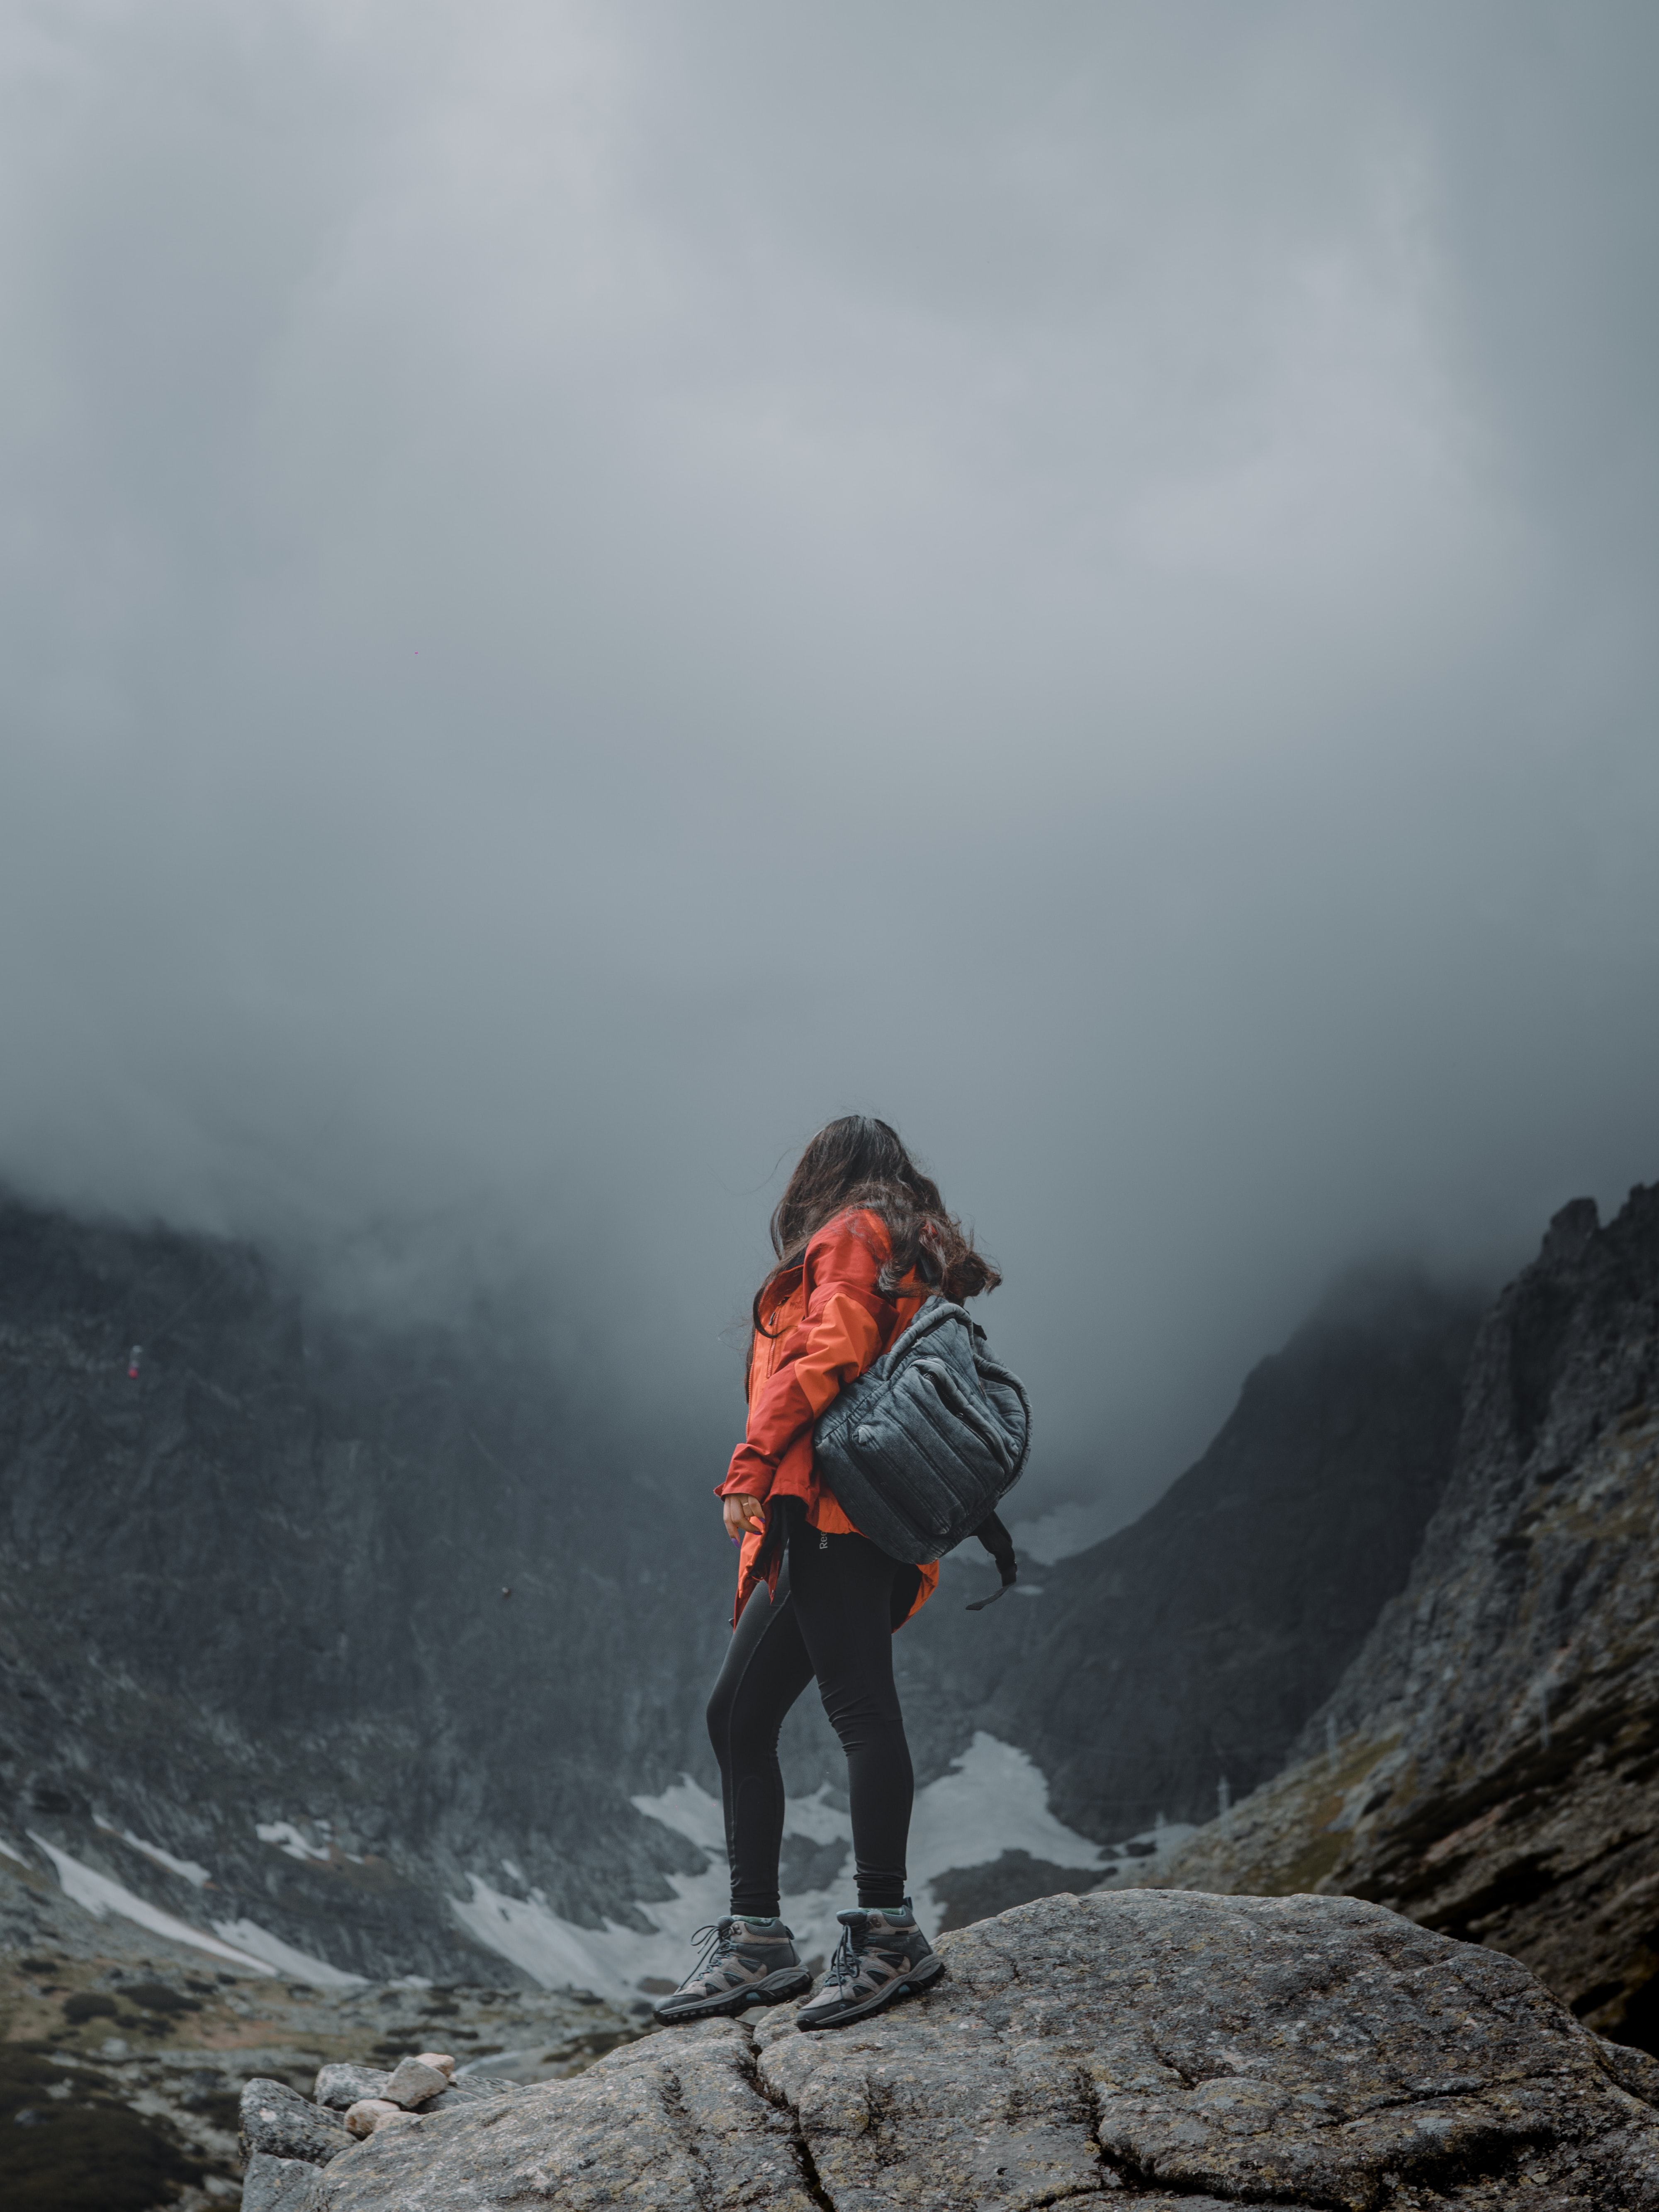 151611 скачать обои Разное, Девушка, Одиночество, Одинокий, Путешествие, Рюкзак, Туман, Скалы - заставки и картинки бесплатно